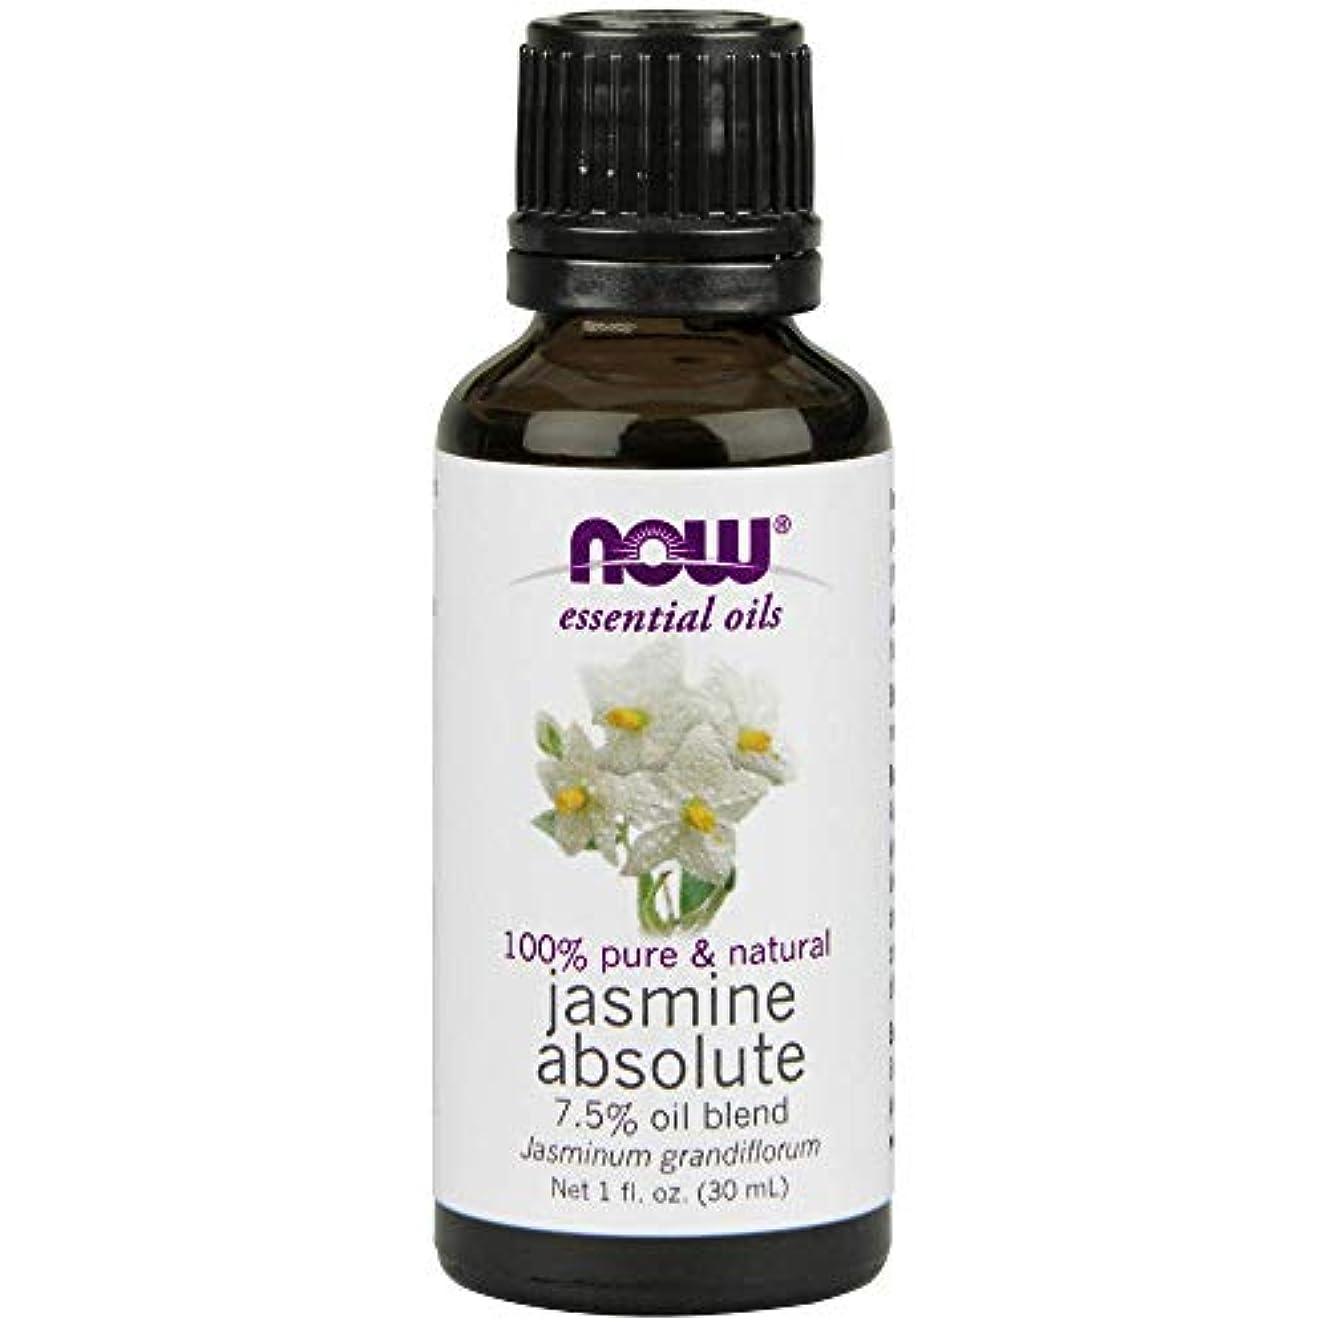 シンプトン数学的なだますNow - Jasmine Absolute Oil 7.5% Oil Blend 1 oz (30 ml) [並行輸入品]